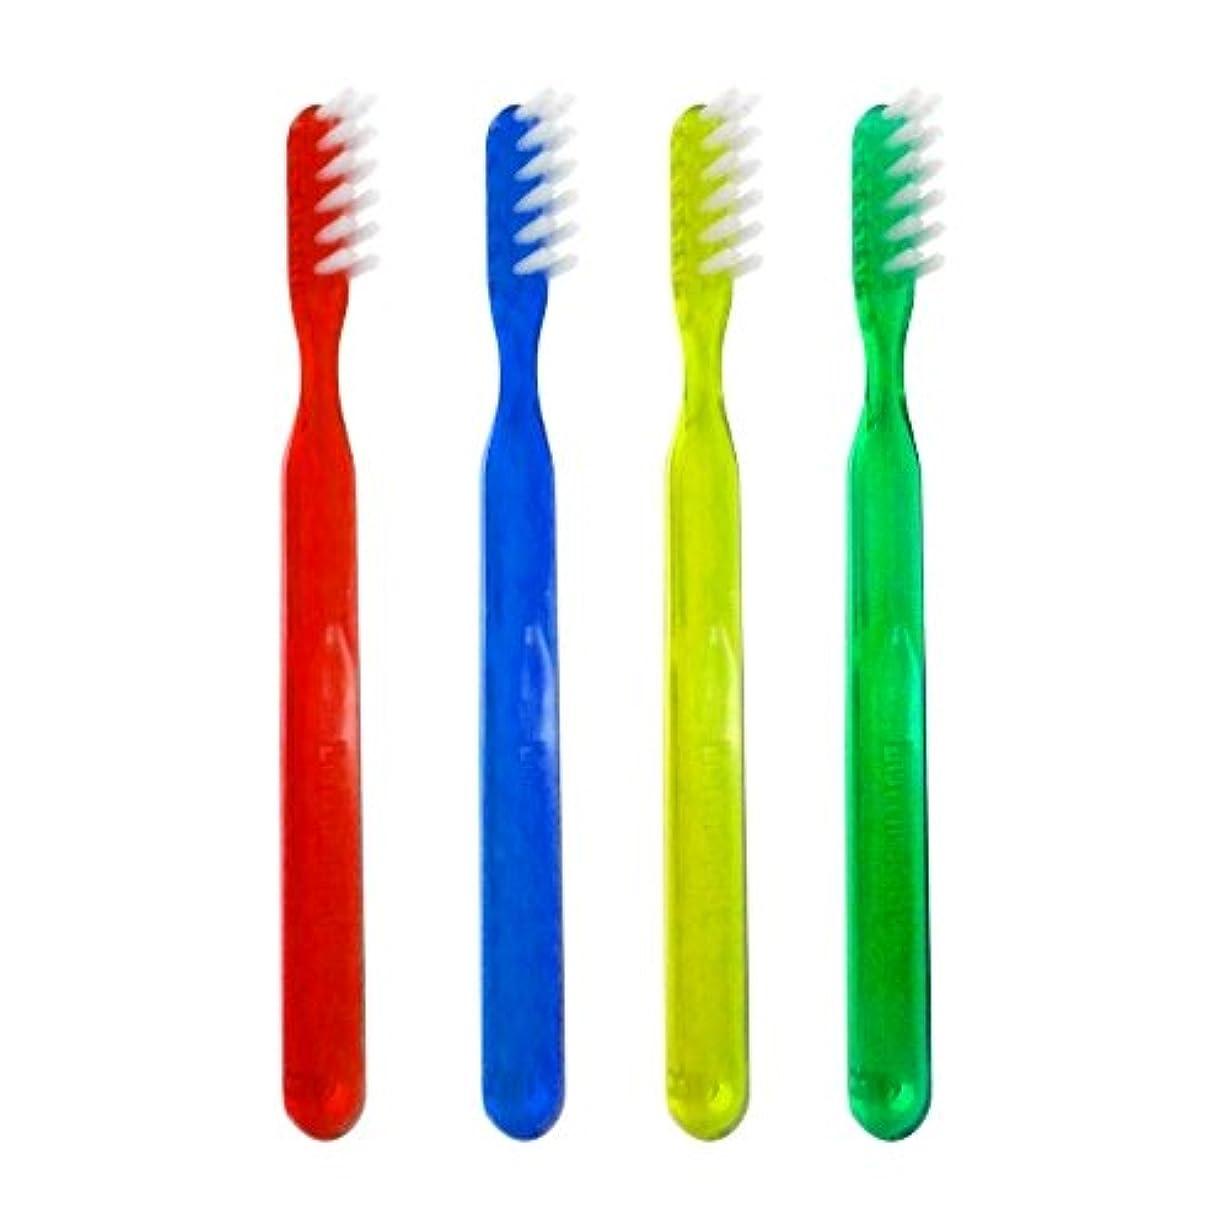 ヘレウス ルミデント 歯ブラシ 1本 ローリングH